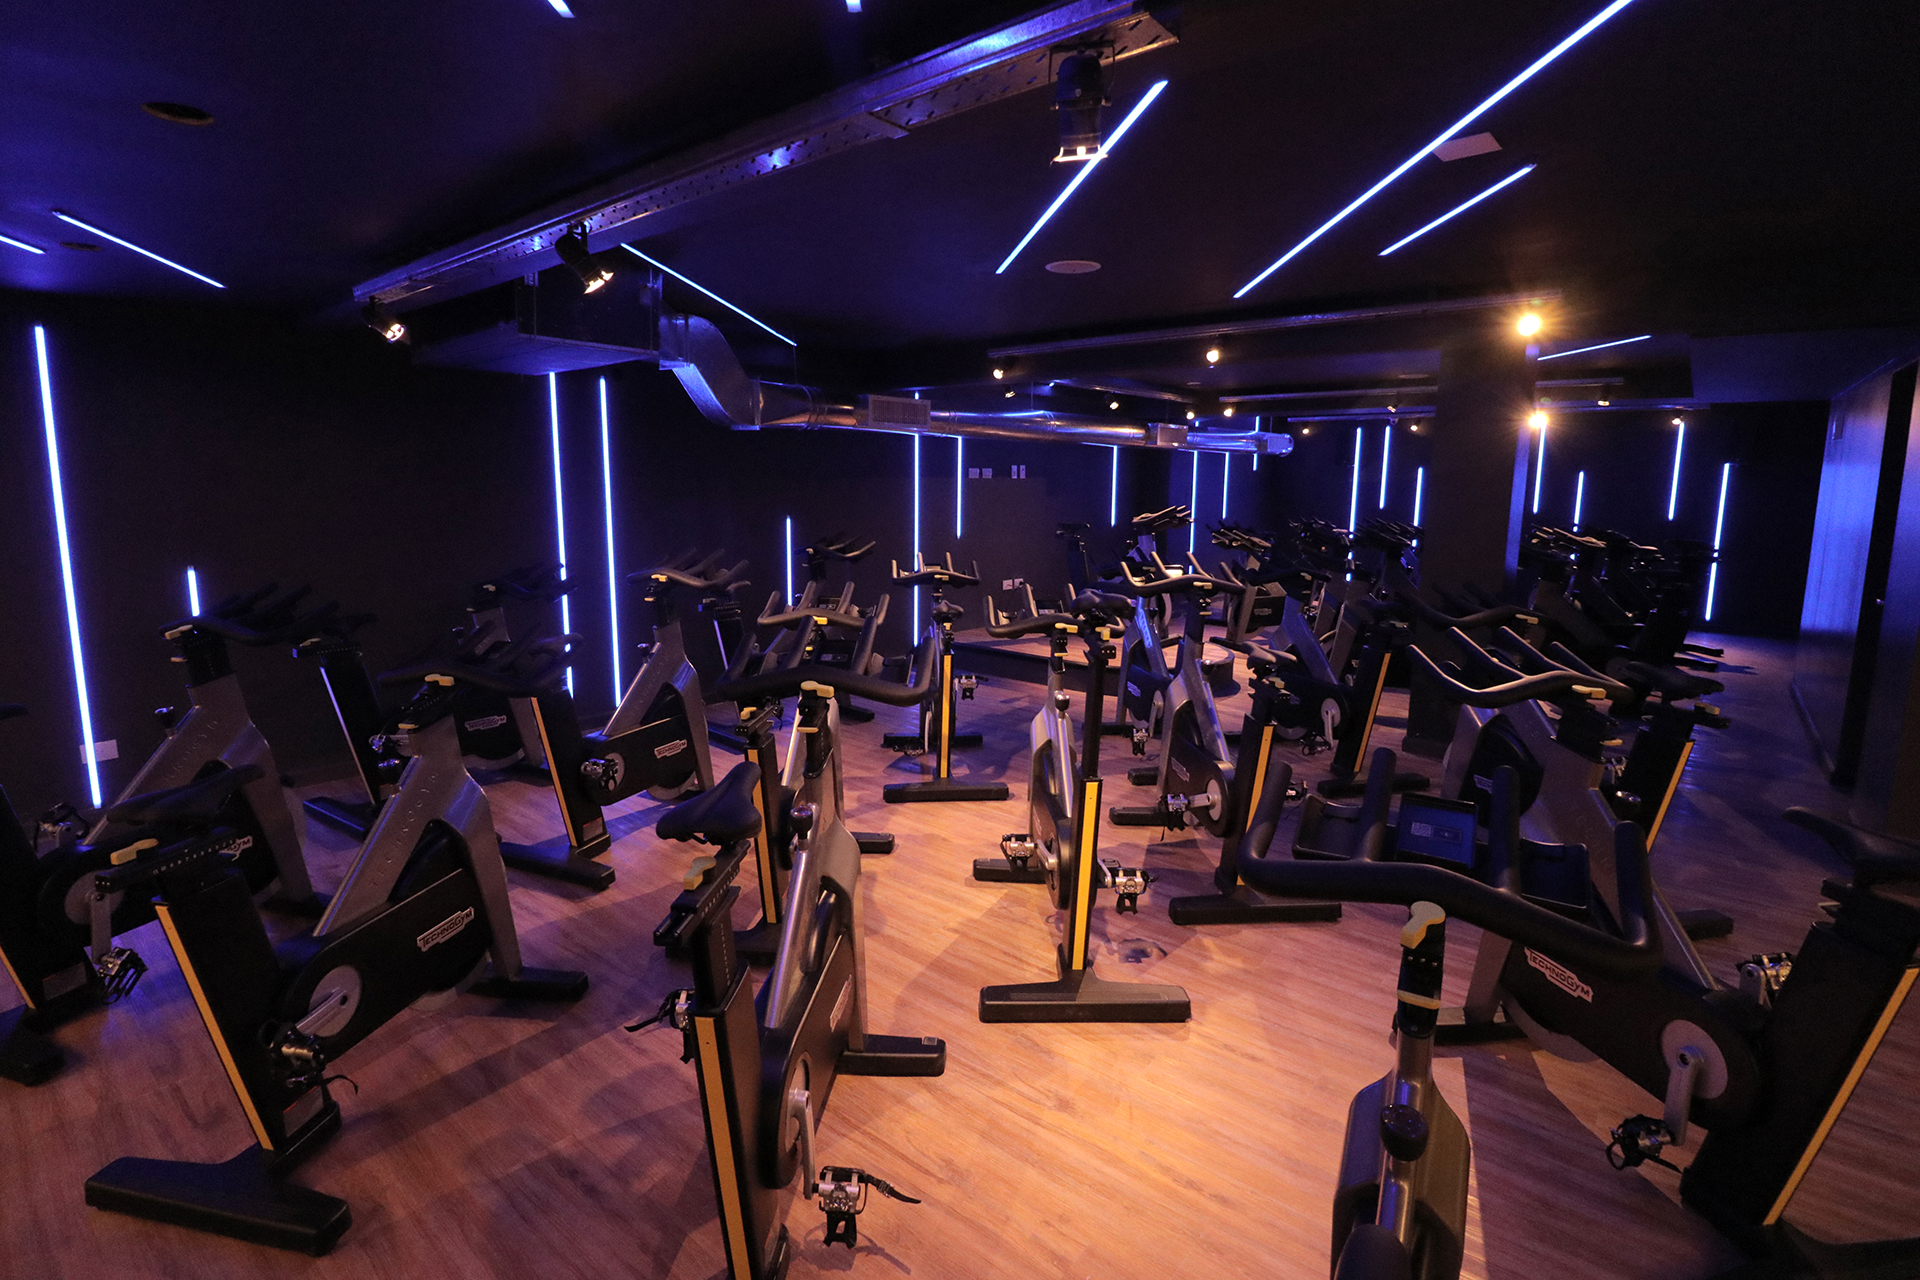 El salón de Indoor Cycle